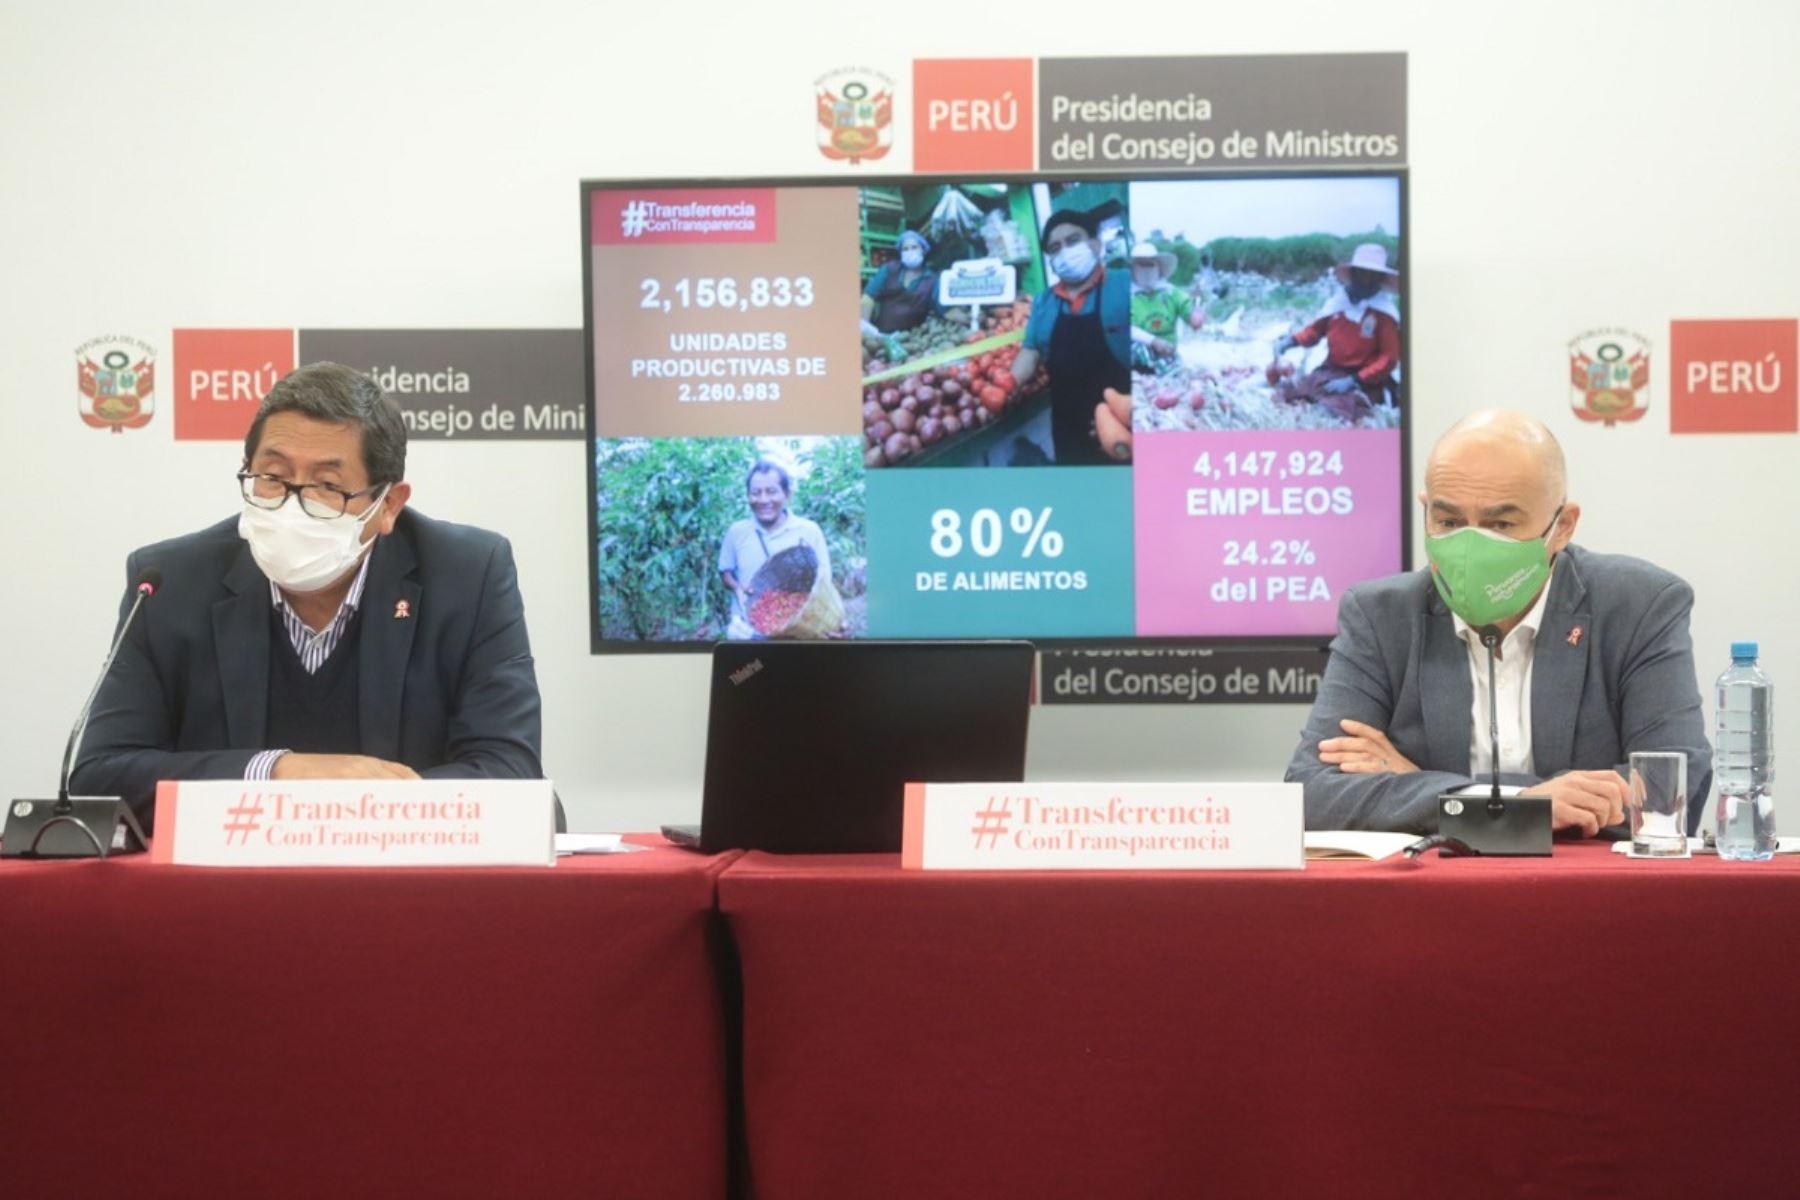 Mayor precio de algunos alimentos se debe a reactivación económica mundial